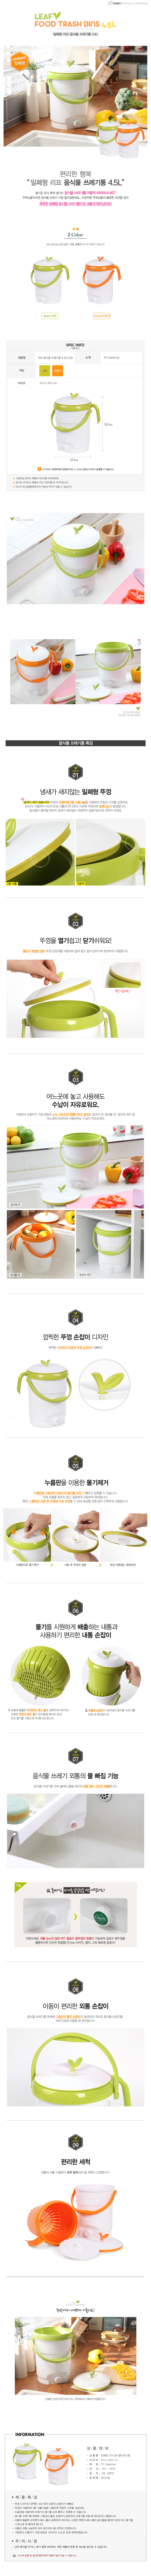 밀폐형 리프 음식물 쓰레기통 4.5L - 창신리빙, 6,600원, 설거지 용품, 음식물 쓰레기통